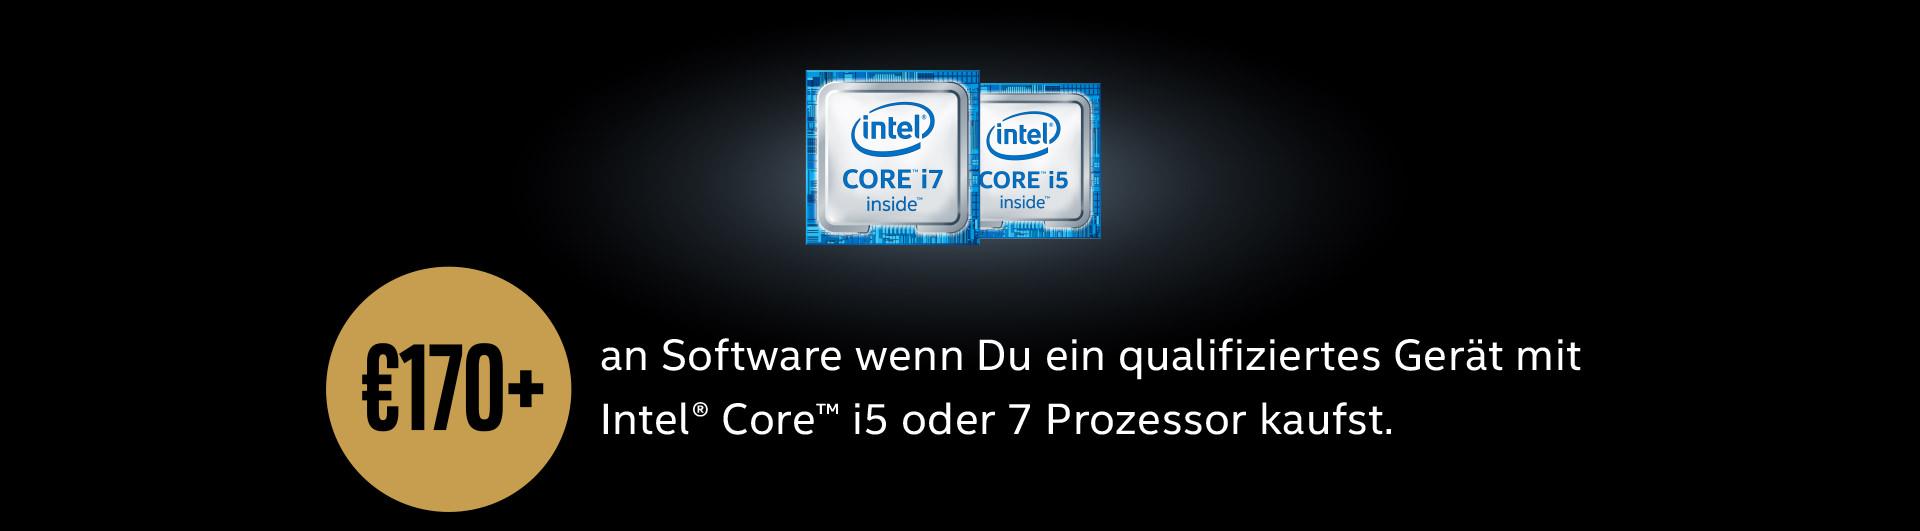 170€ + an Software wenn Du ein qualifiziertes Gerät mit Intel® Core™ i5 oder i7 Prozessor kaufst.